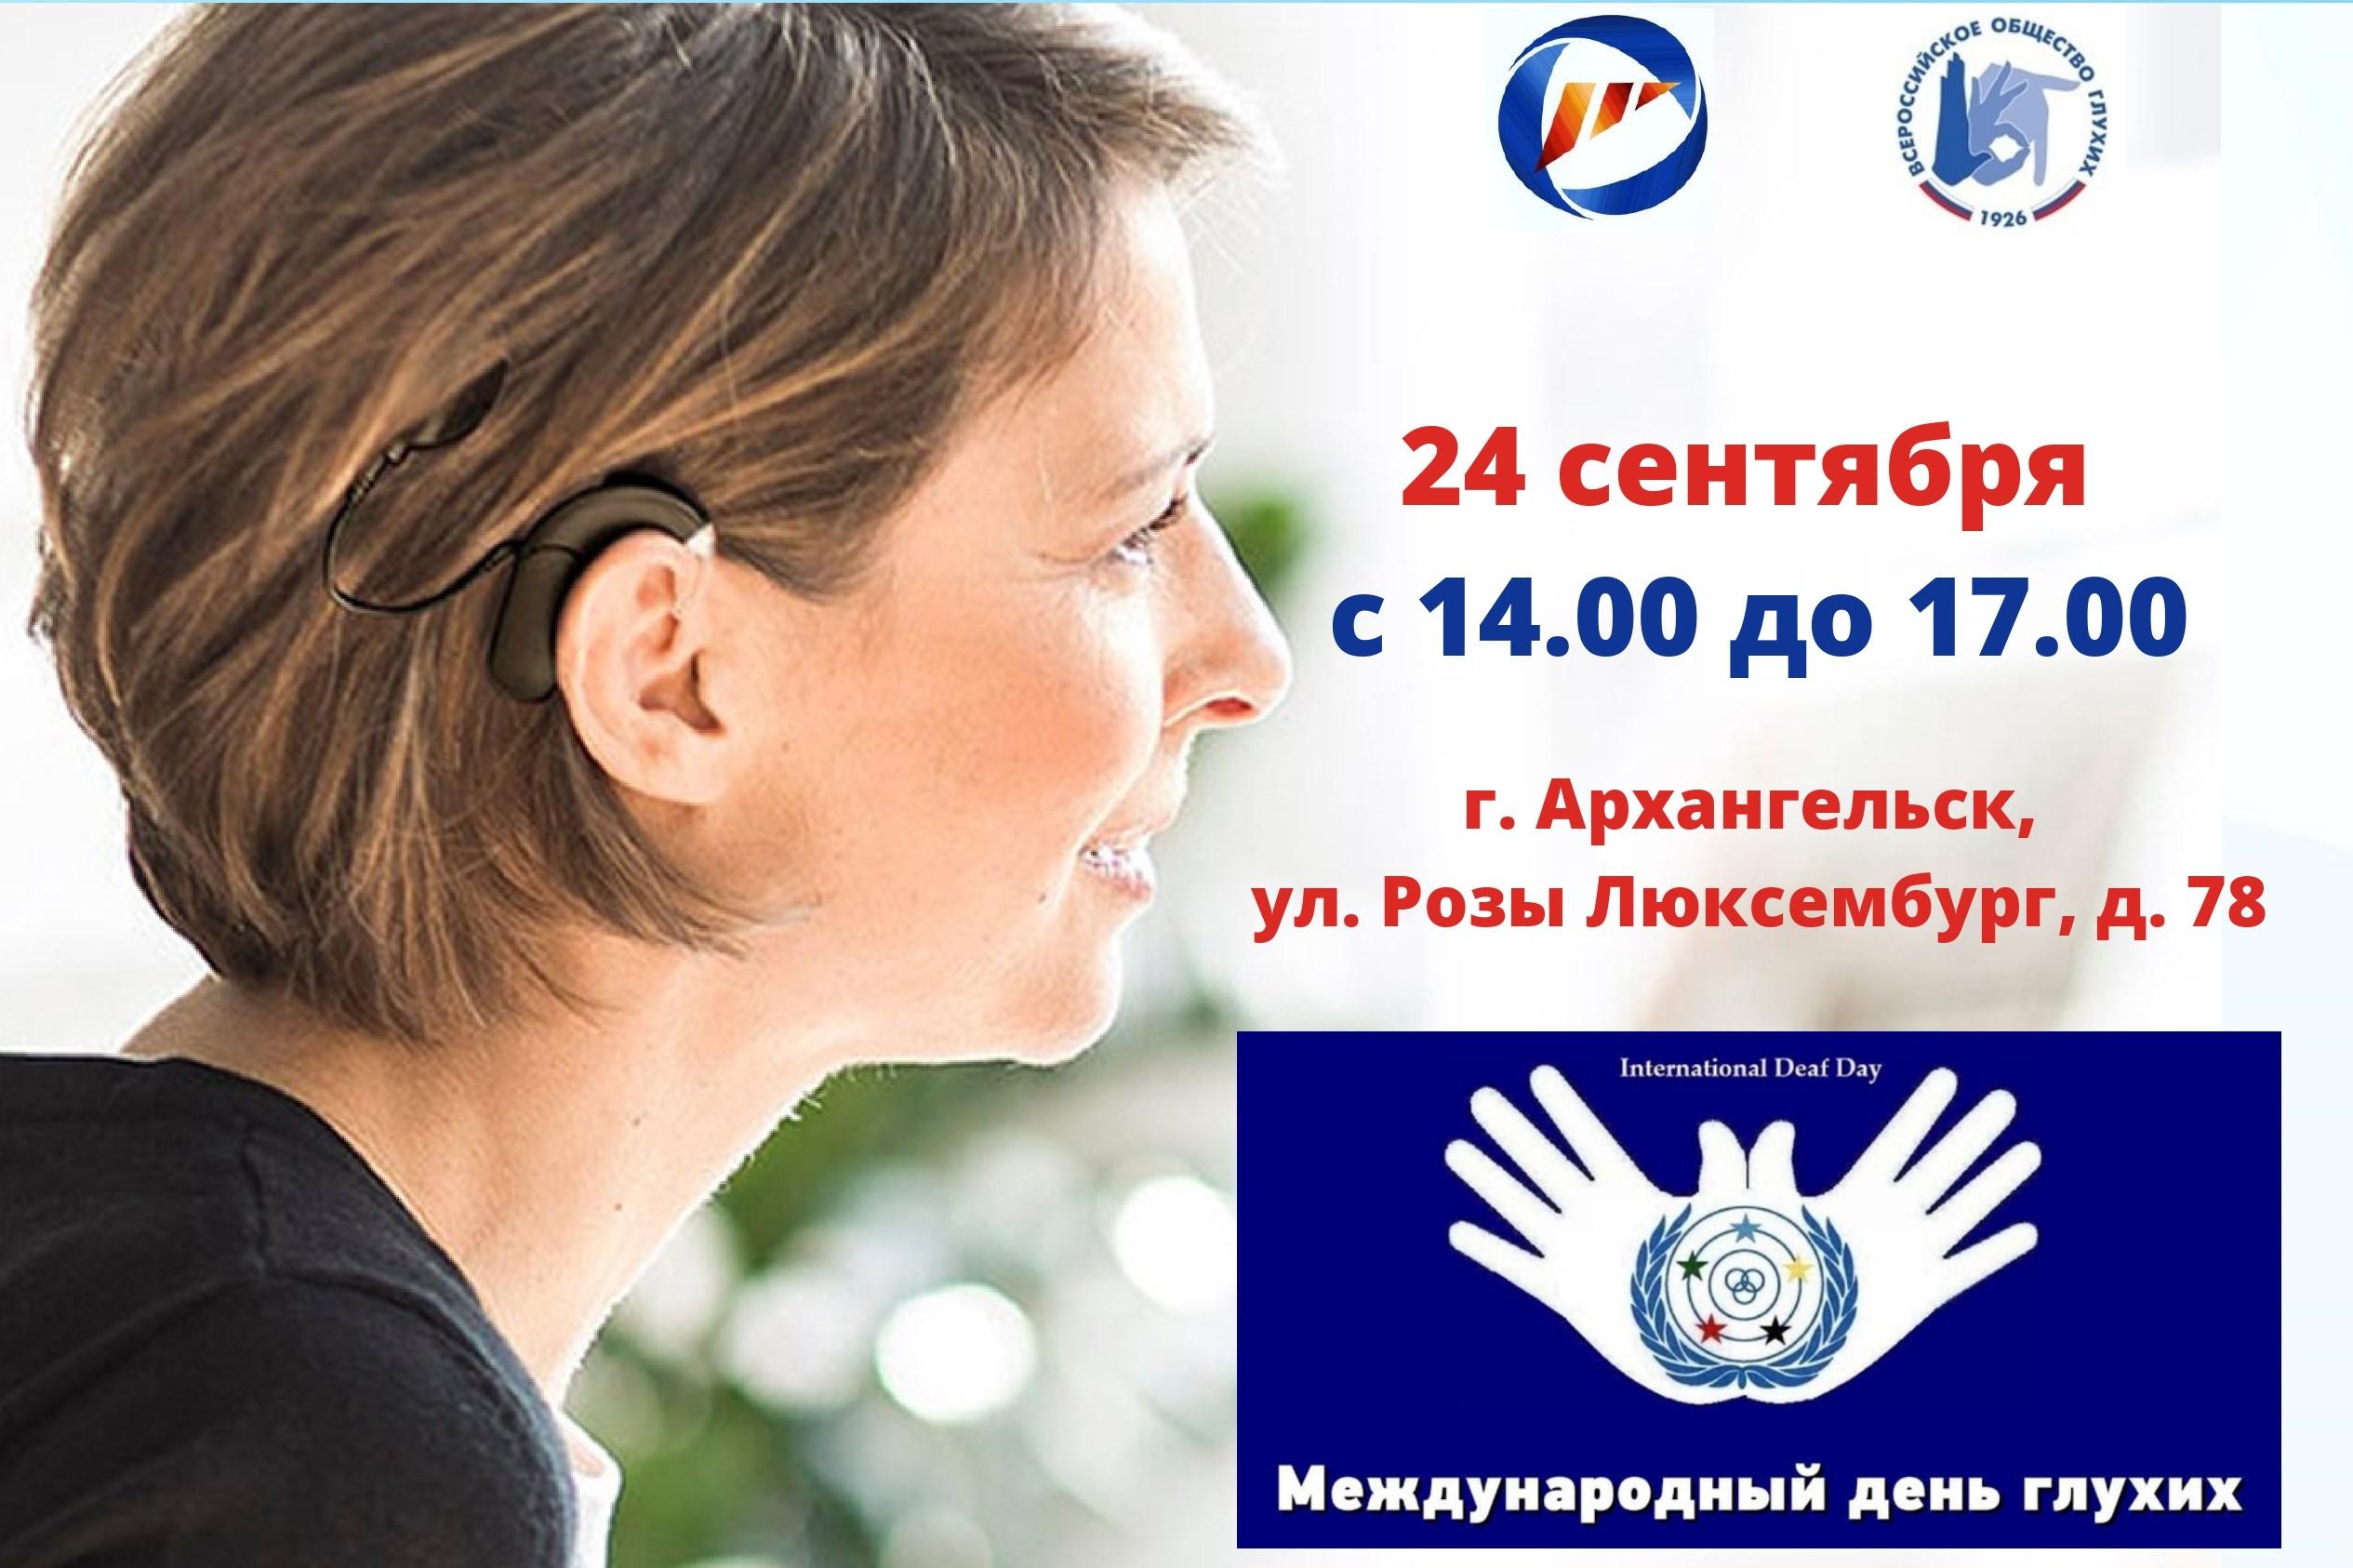 К Международному дню глухих в Архангельске состоится мероприятие по вопросам содействия занятости